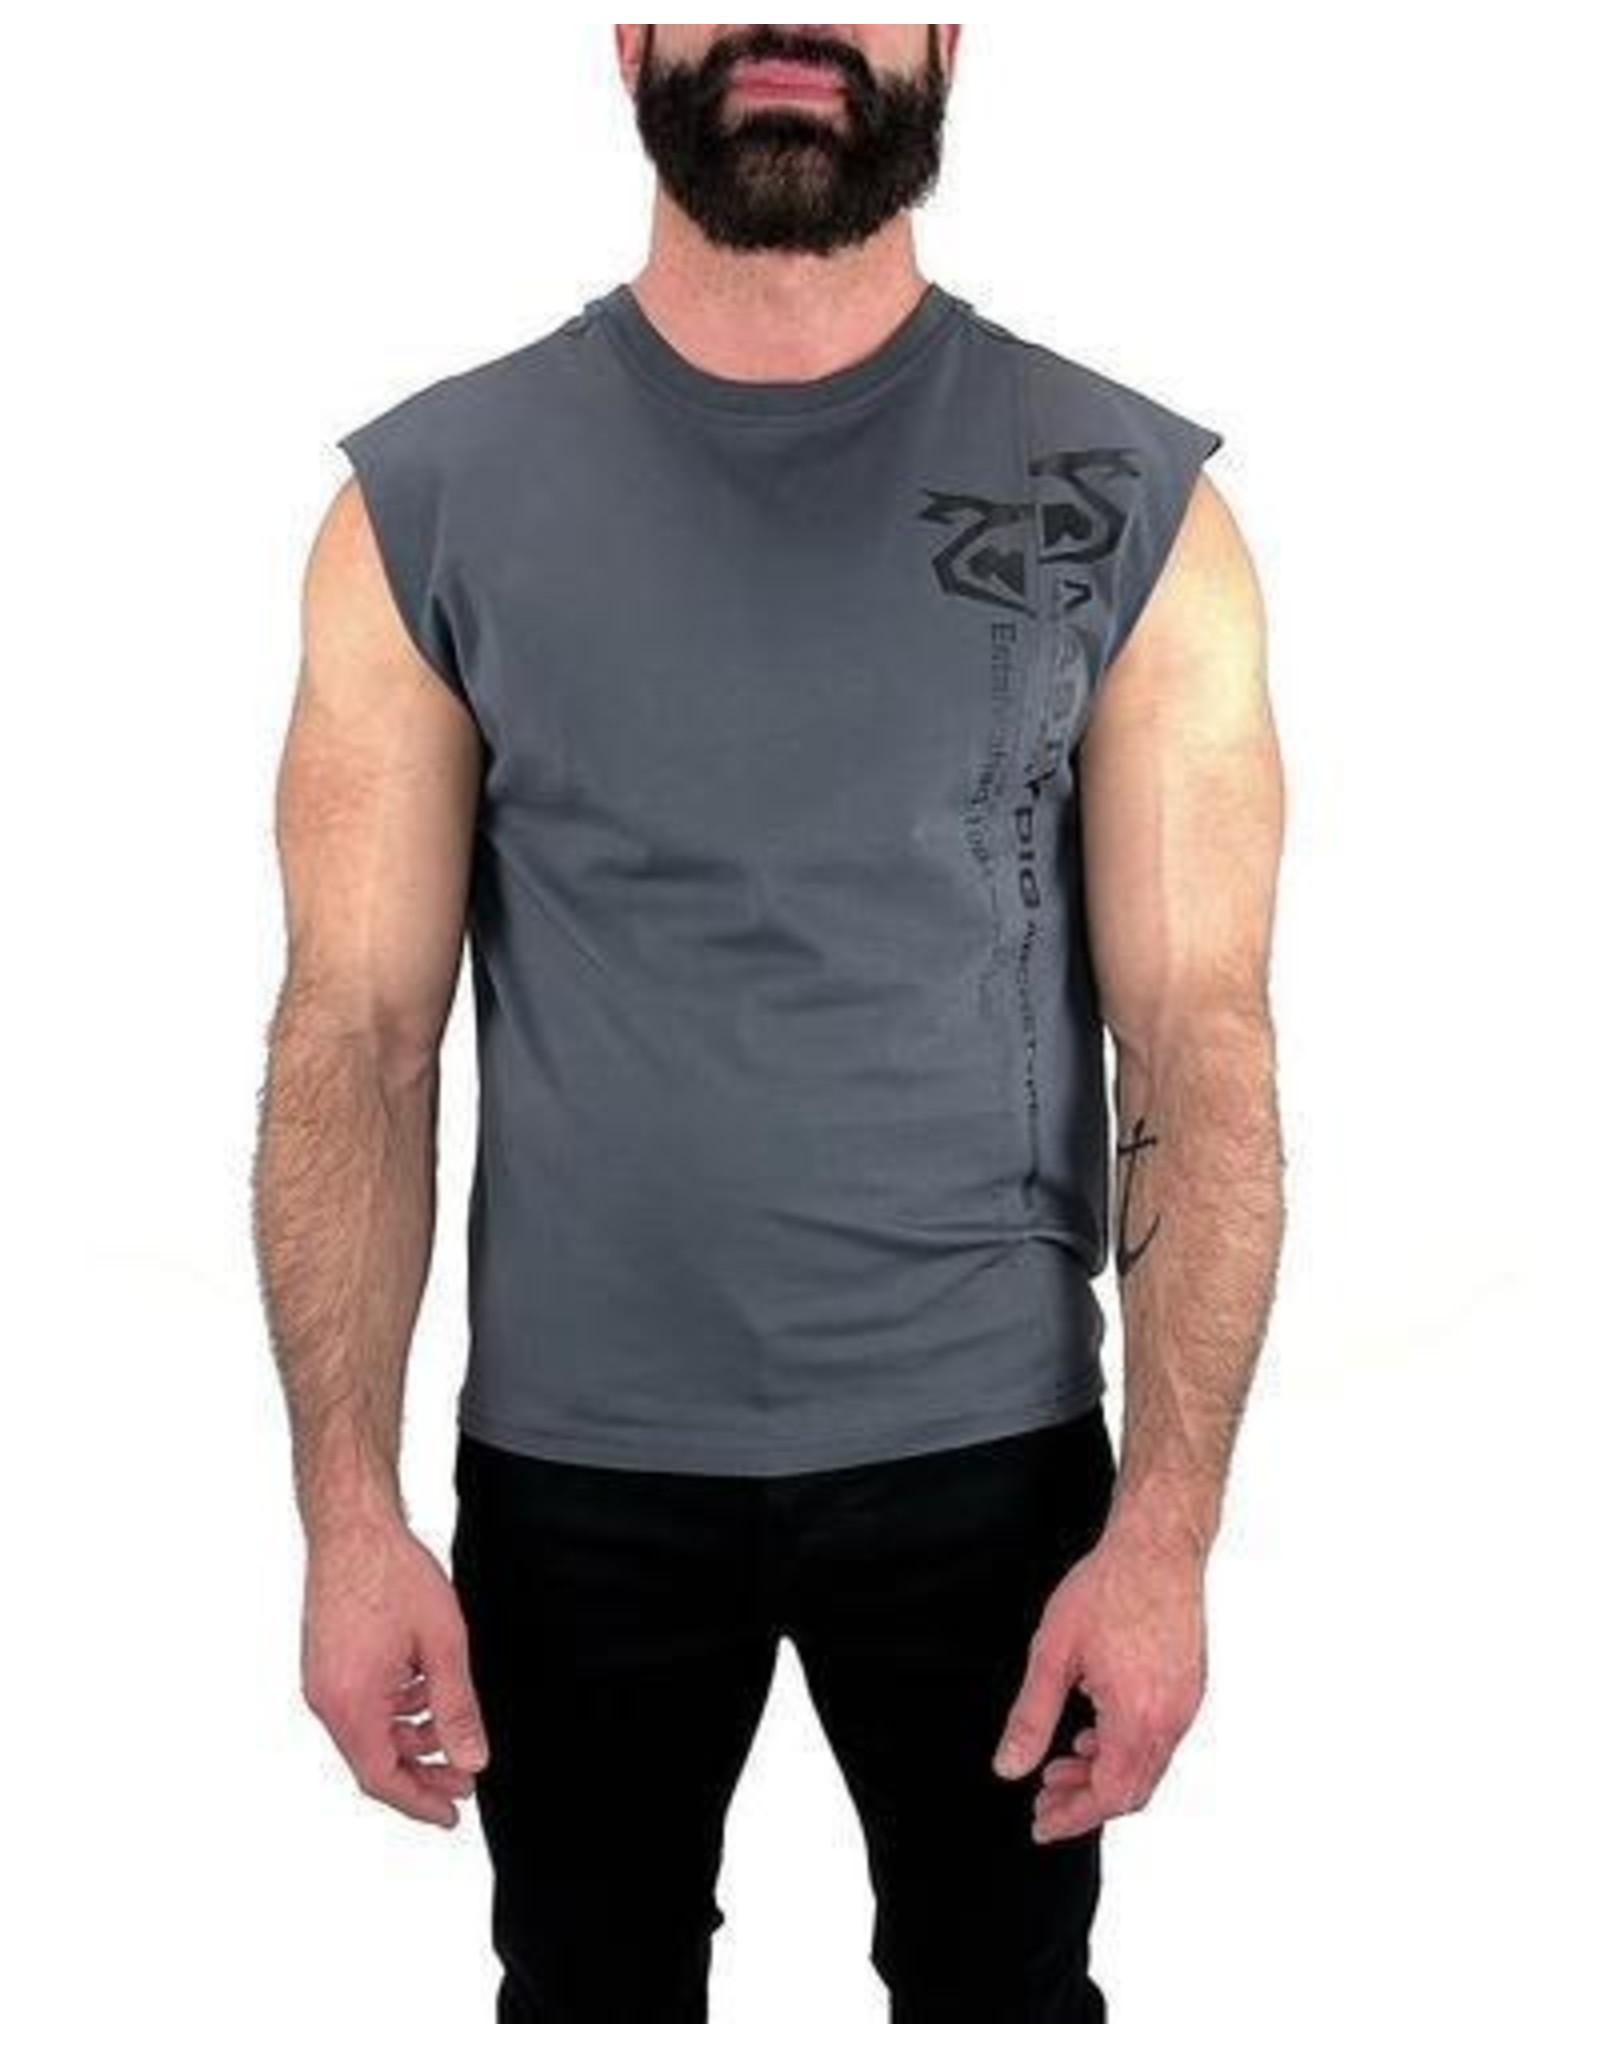 Nasty Pig Nasty Pig Bulkhead Sleeveless Shirt